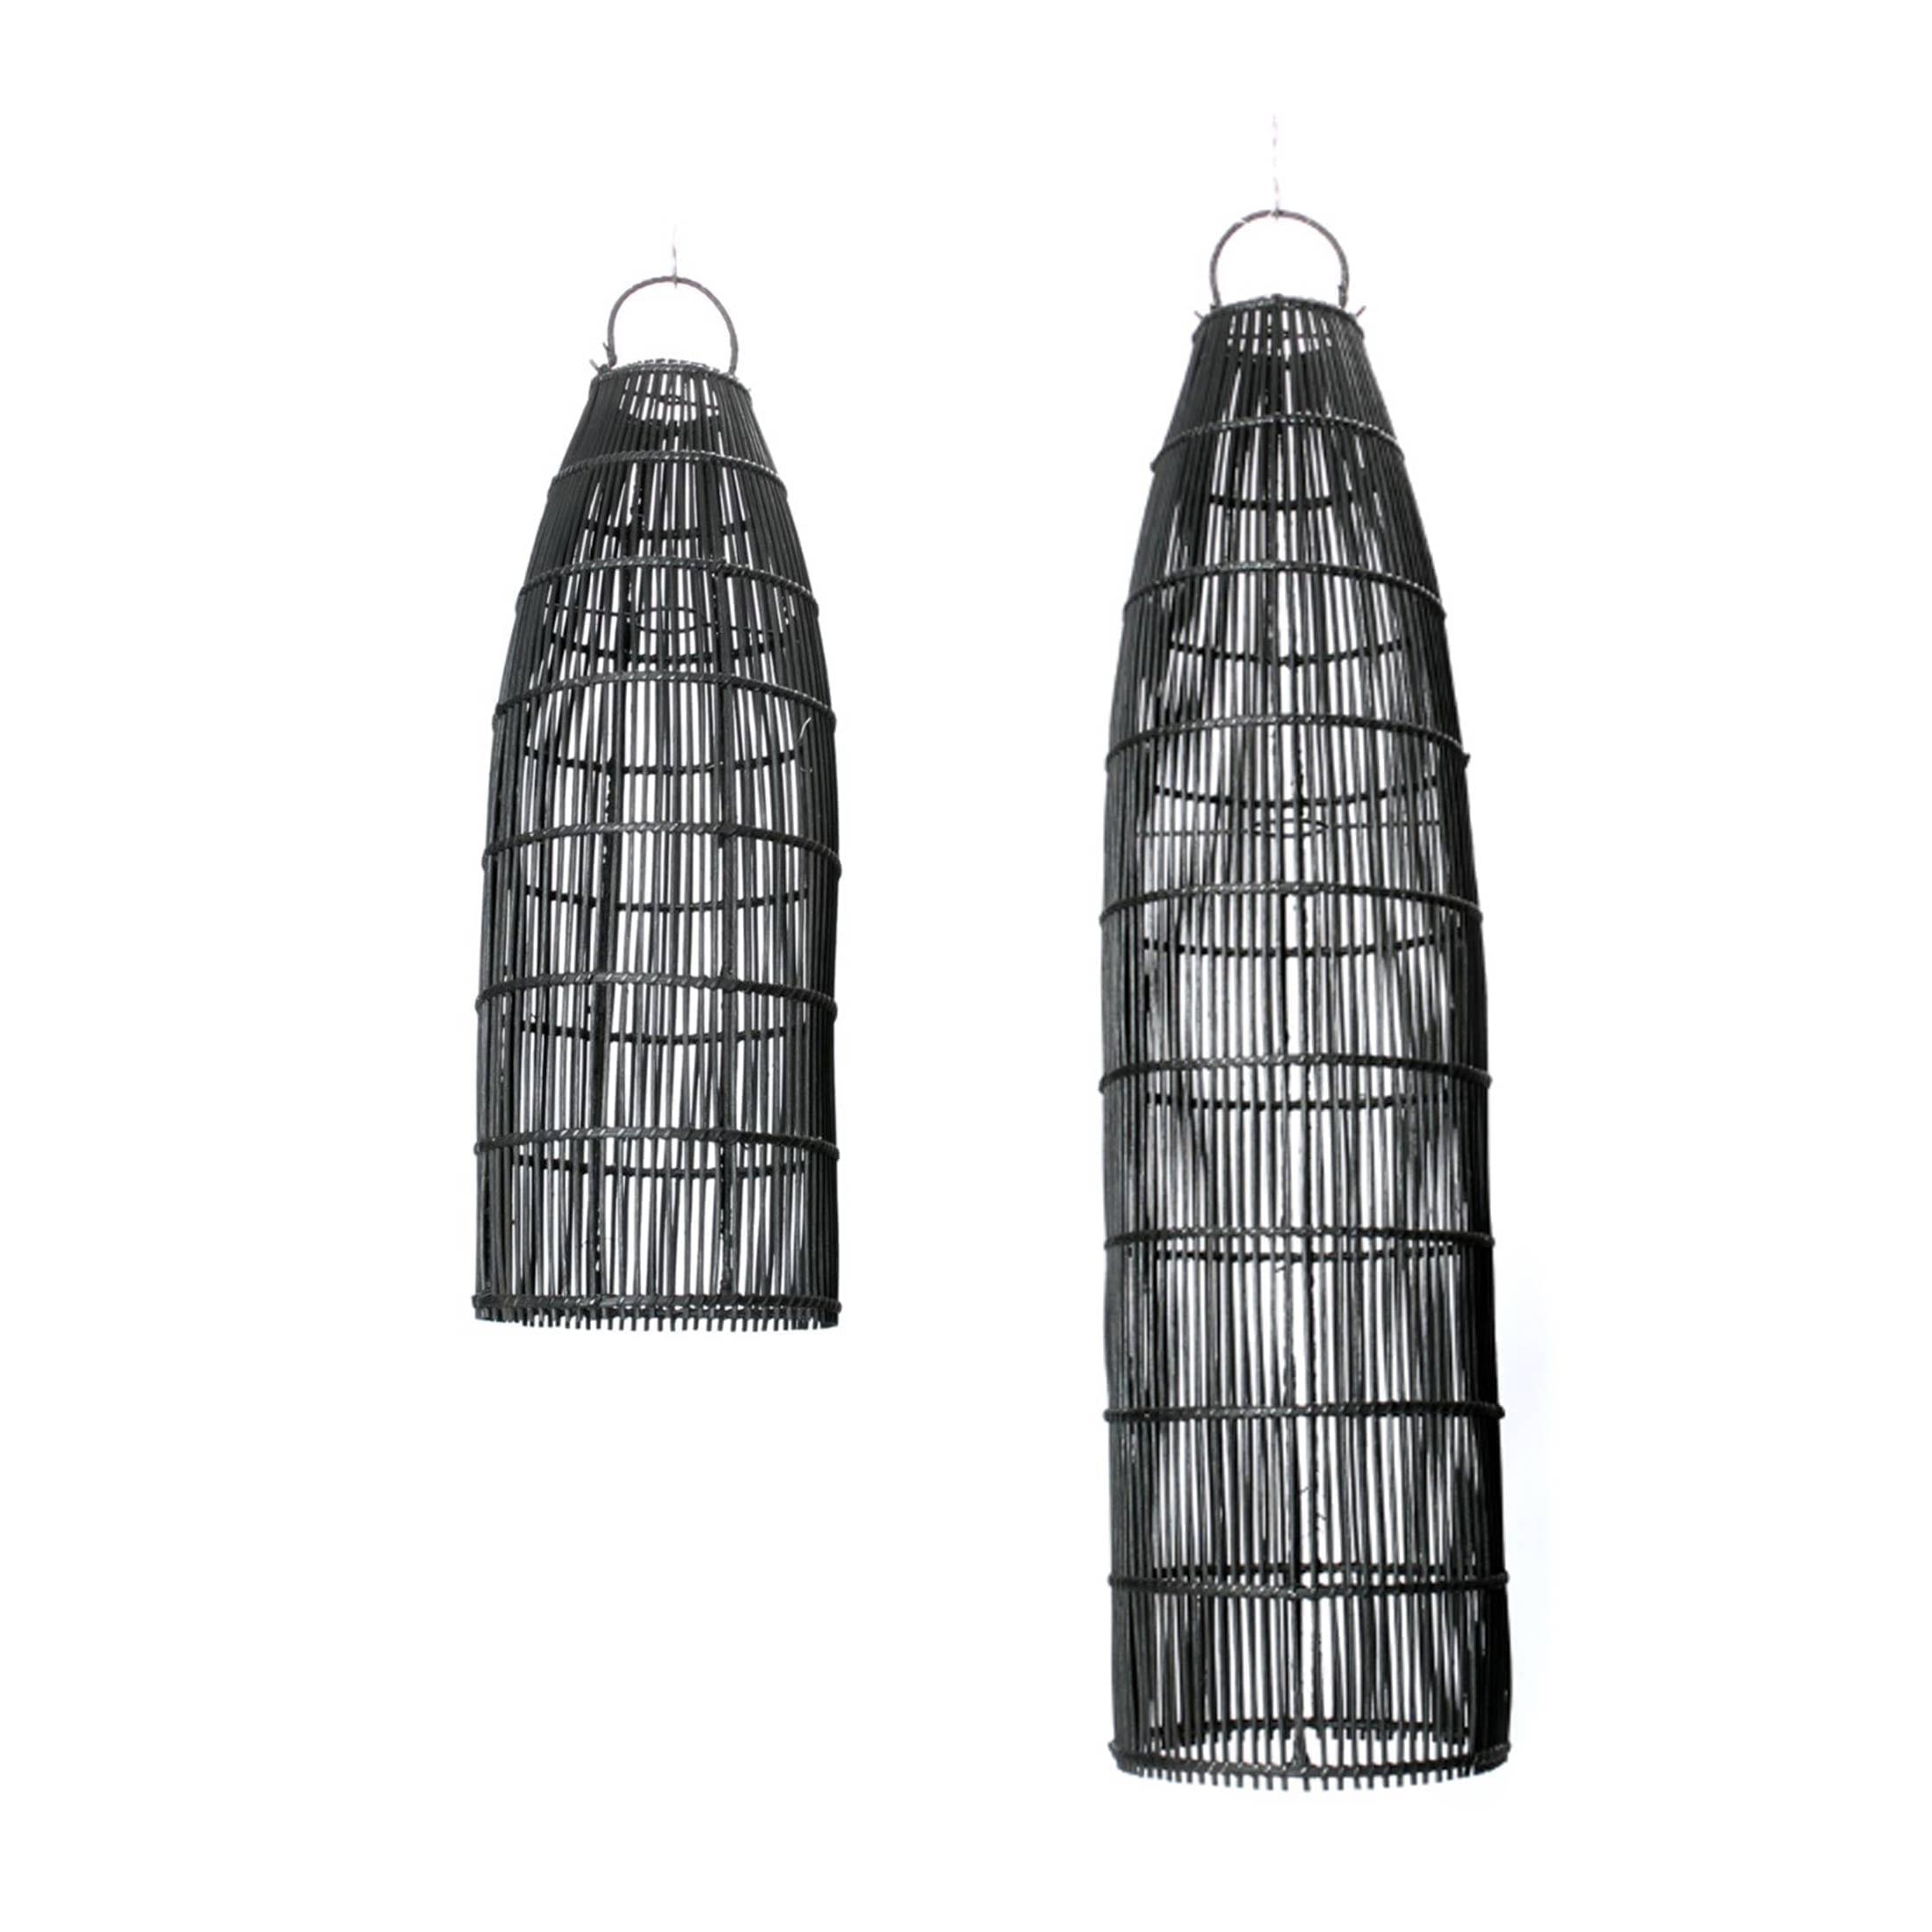 Rattan Lampe in zwei Größen in Schwarz von der Marke Bazar Bizar. Höhe der Deckenlampen ist 90 & 60 cm für das Wohnzimmer im Boho Look